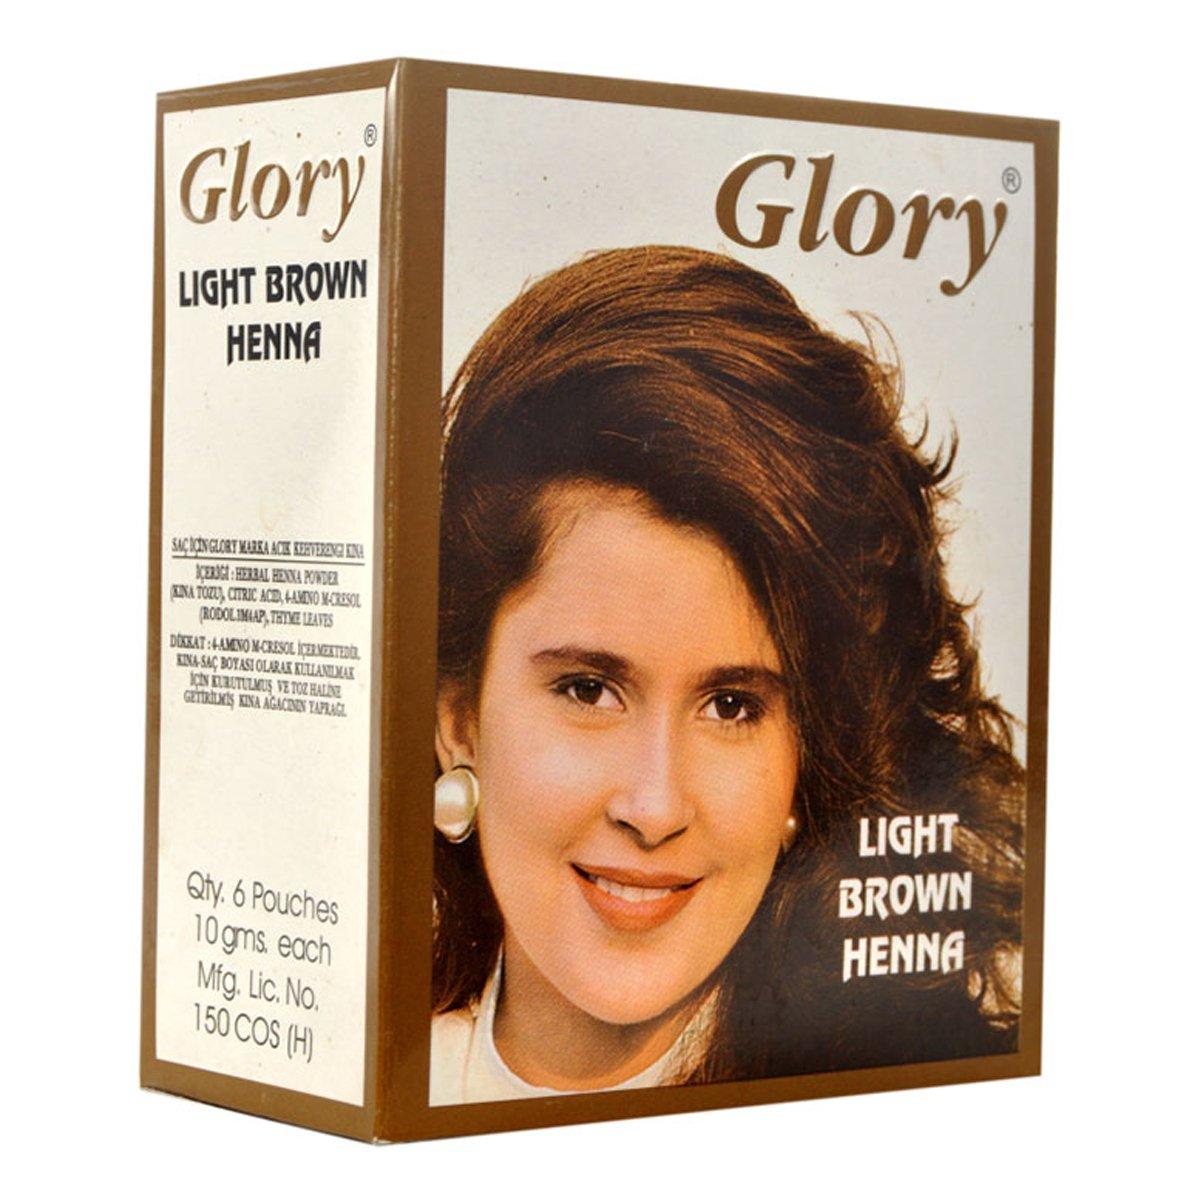 Glory Açık Kahverengi Hint Kınası 10Gr Pkt ürünü LokmanAVM mağazamızdan güvenle satın alın!